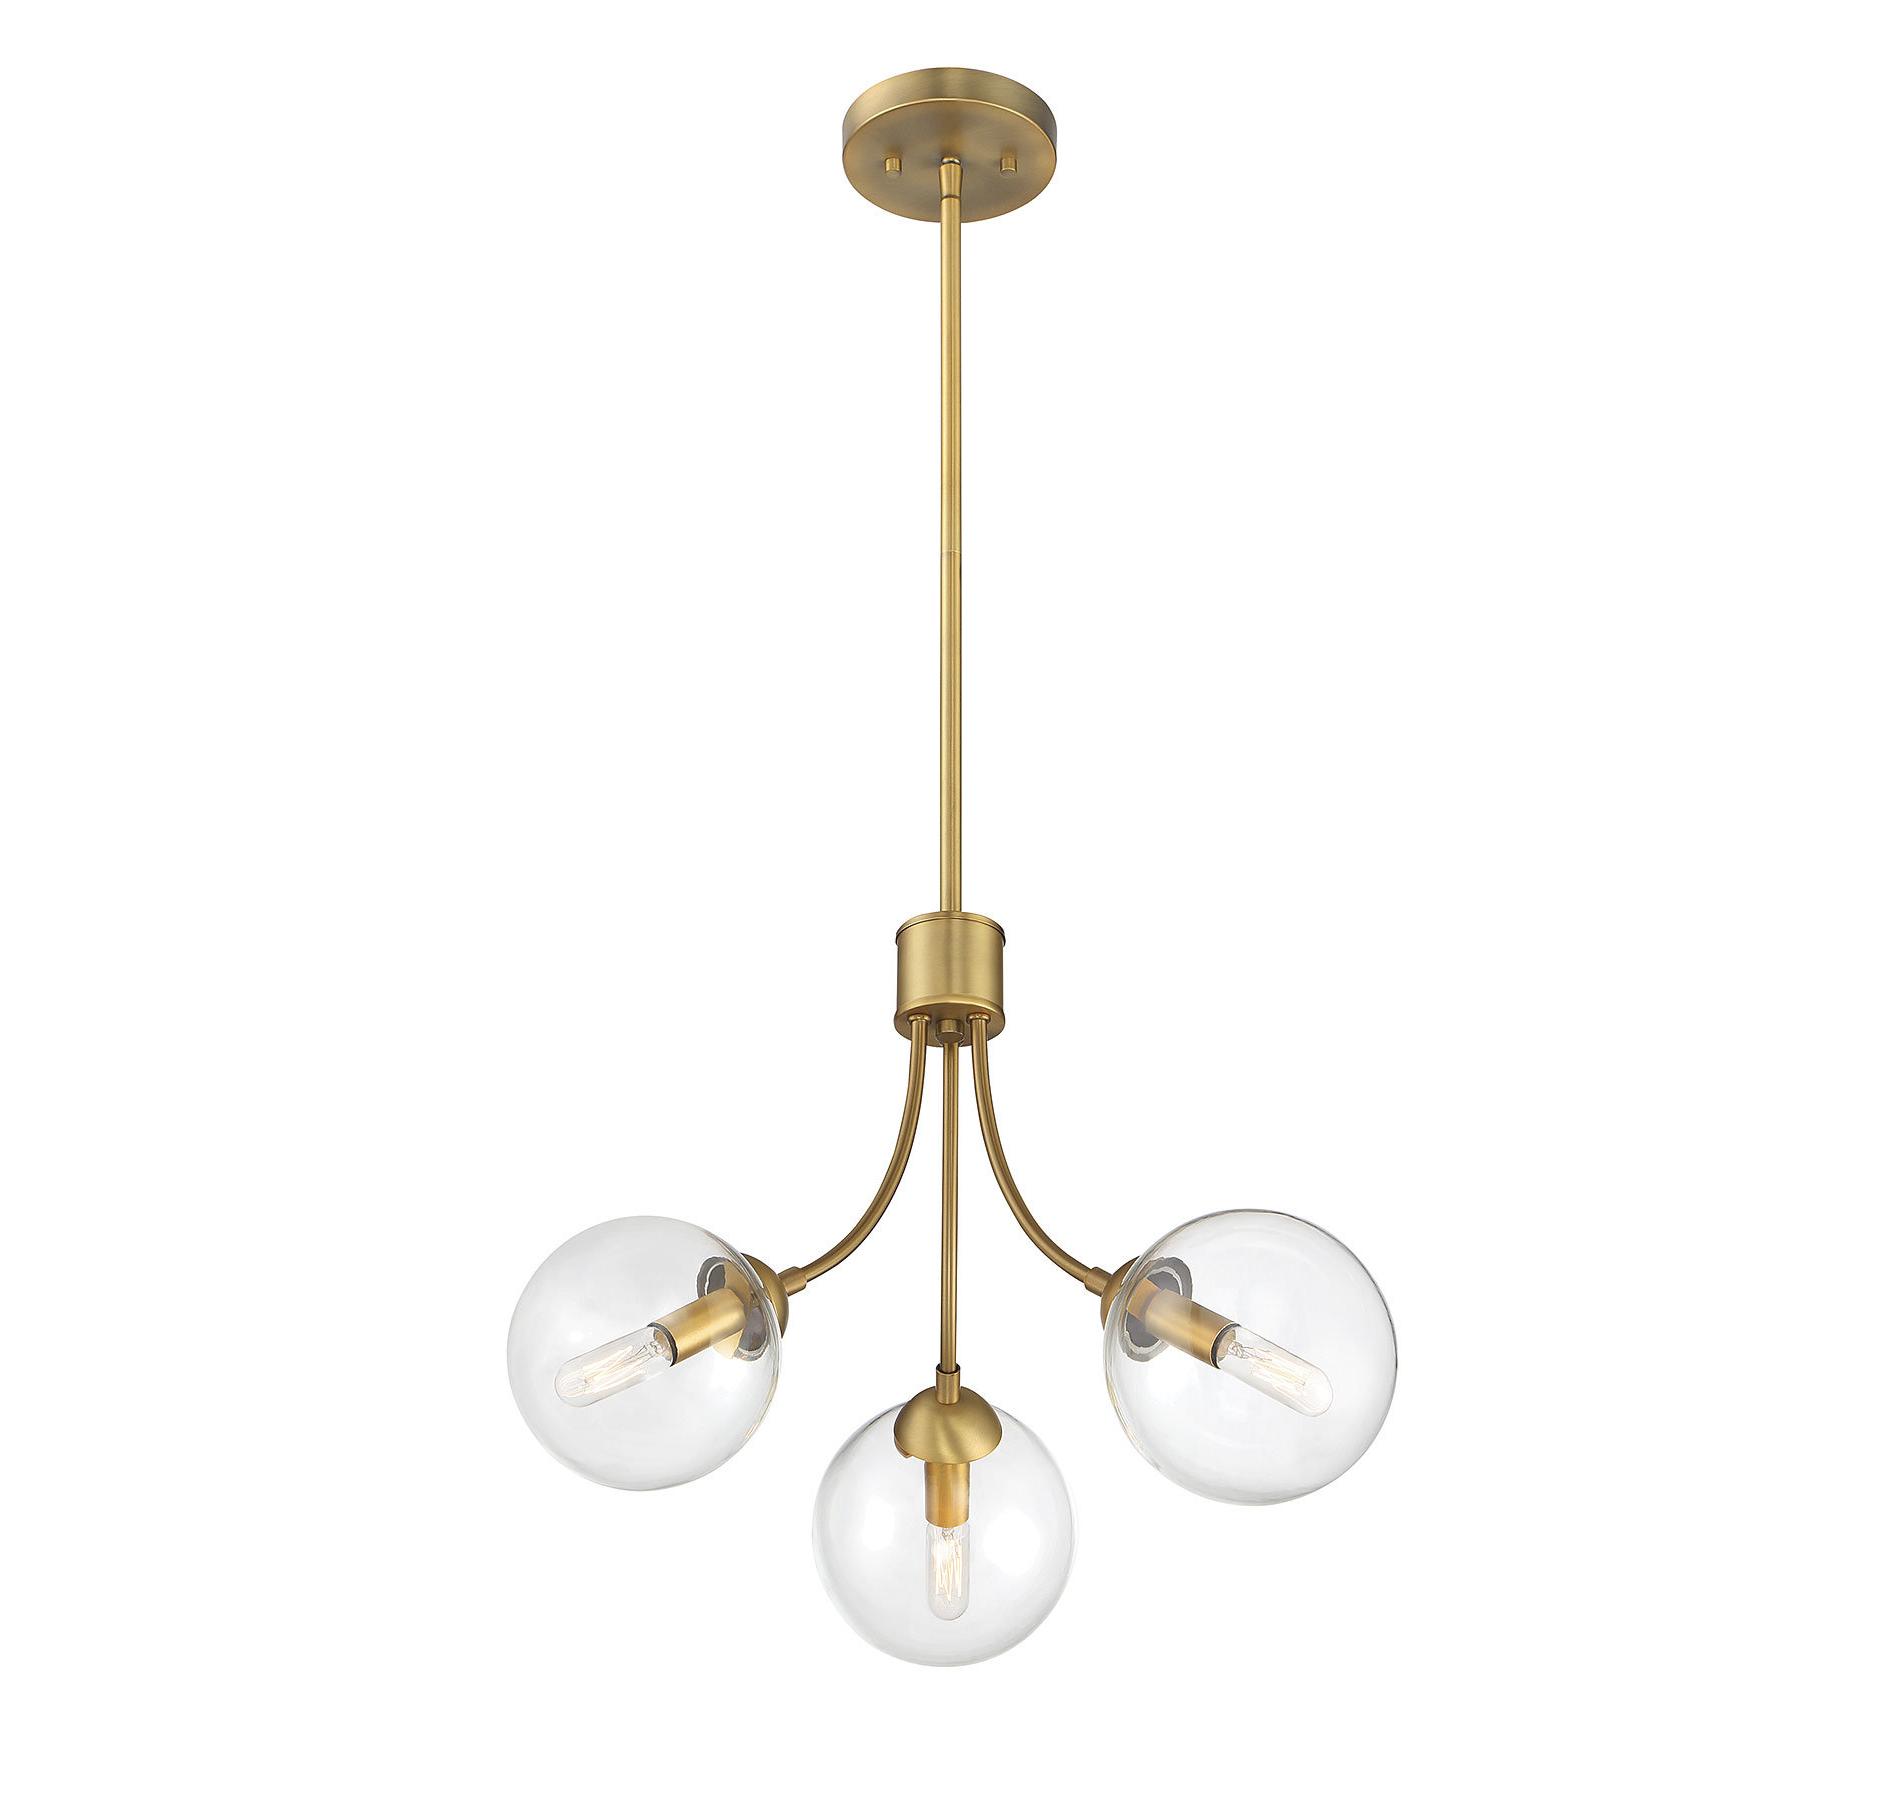 Bautista 5-Light Sputnik Chandeliers regarding Most Popular 3-Light Sputnik Chandelier